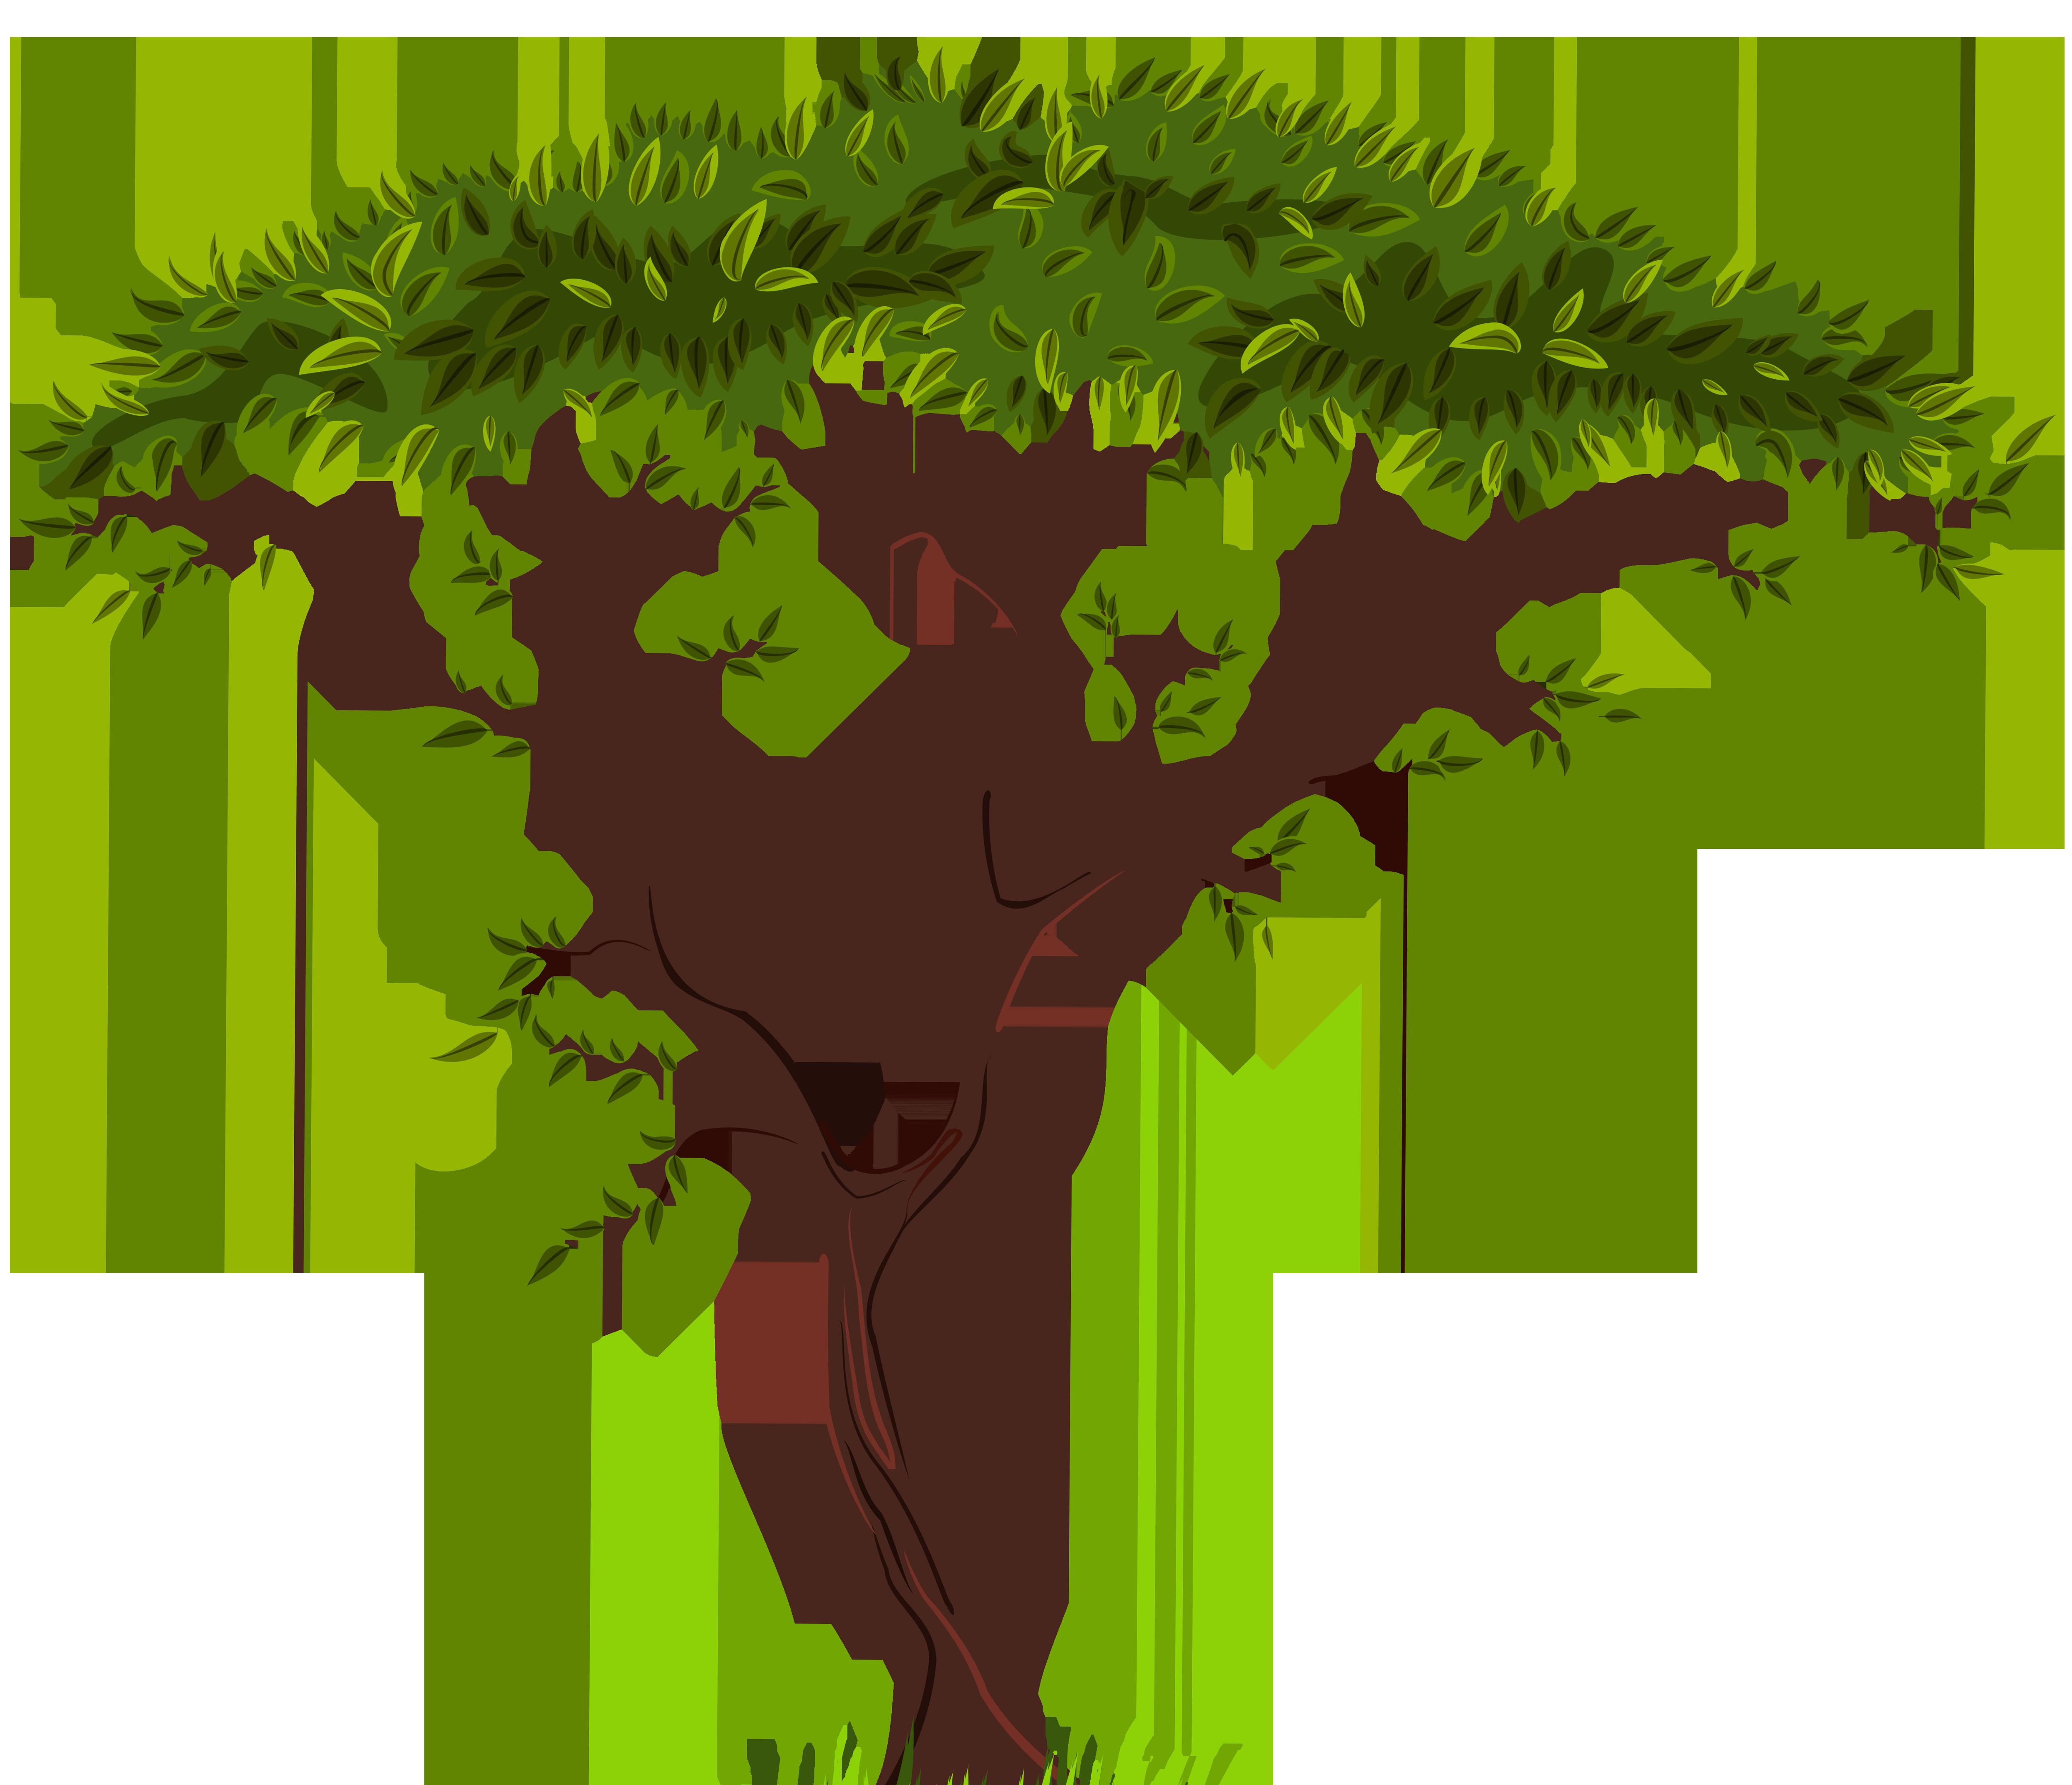 Tree clipart kiwi #3